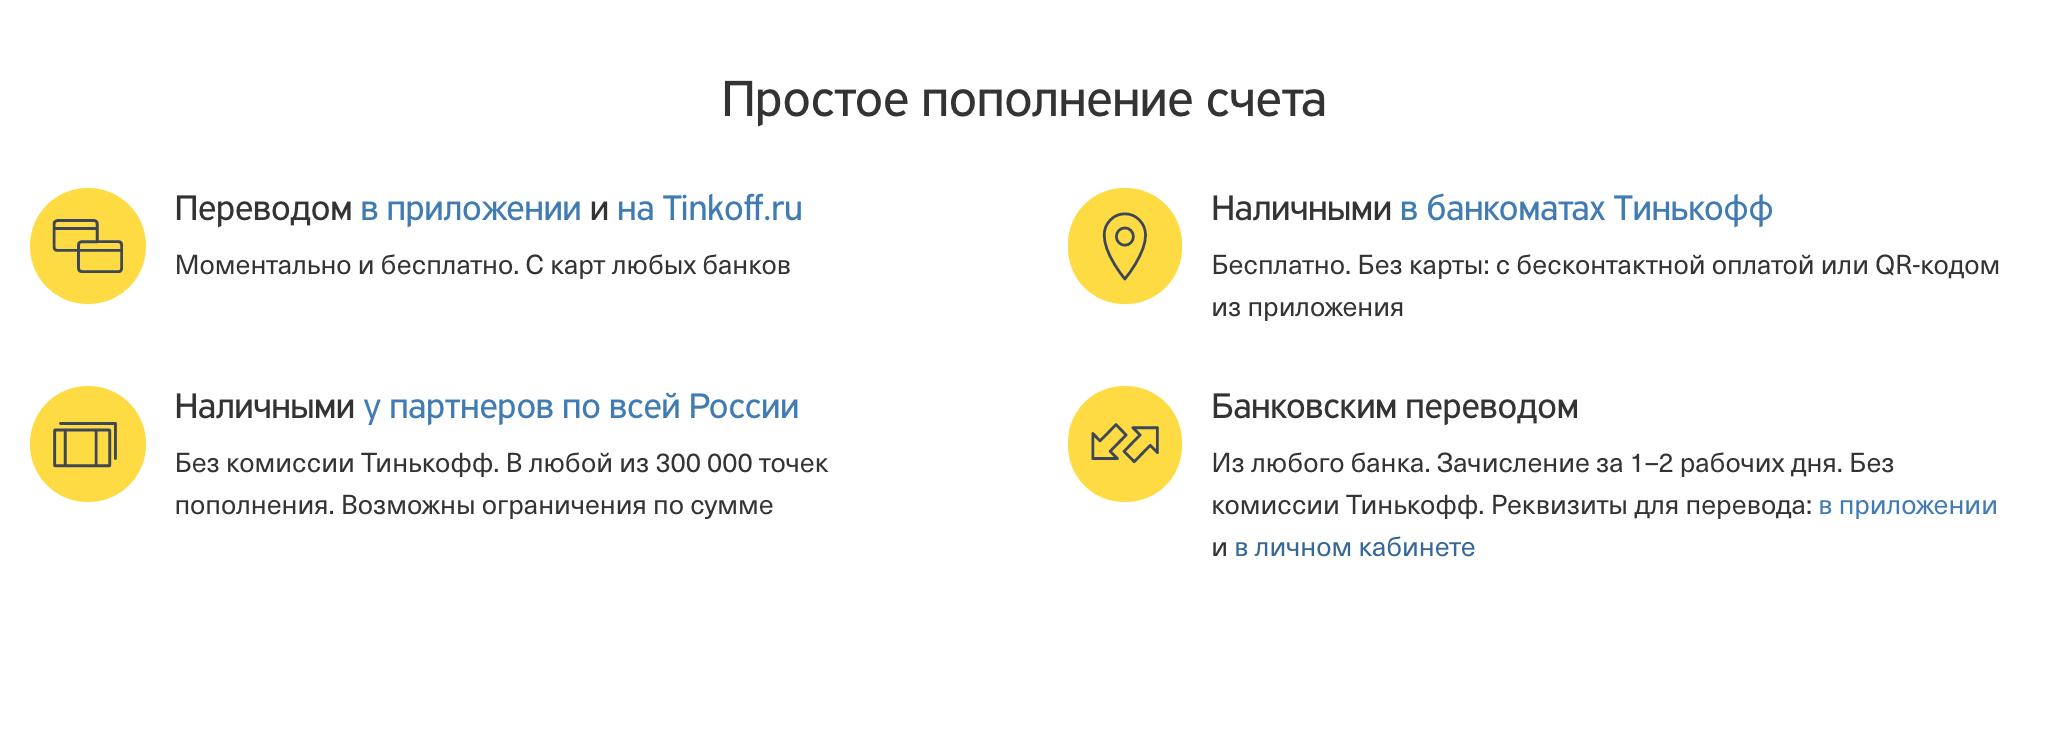 https://gurukredit.ru/wp-content/uploads/2019/06/dolg-po-creditke-Tinkoff.png